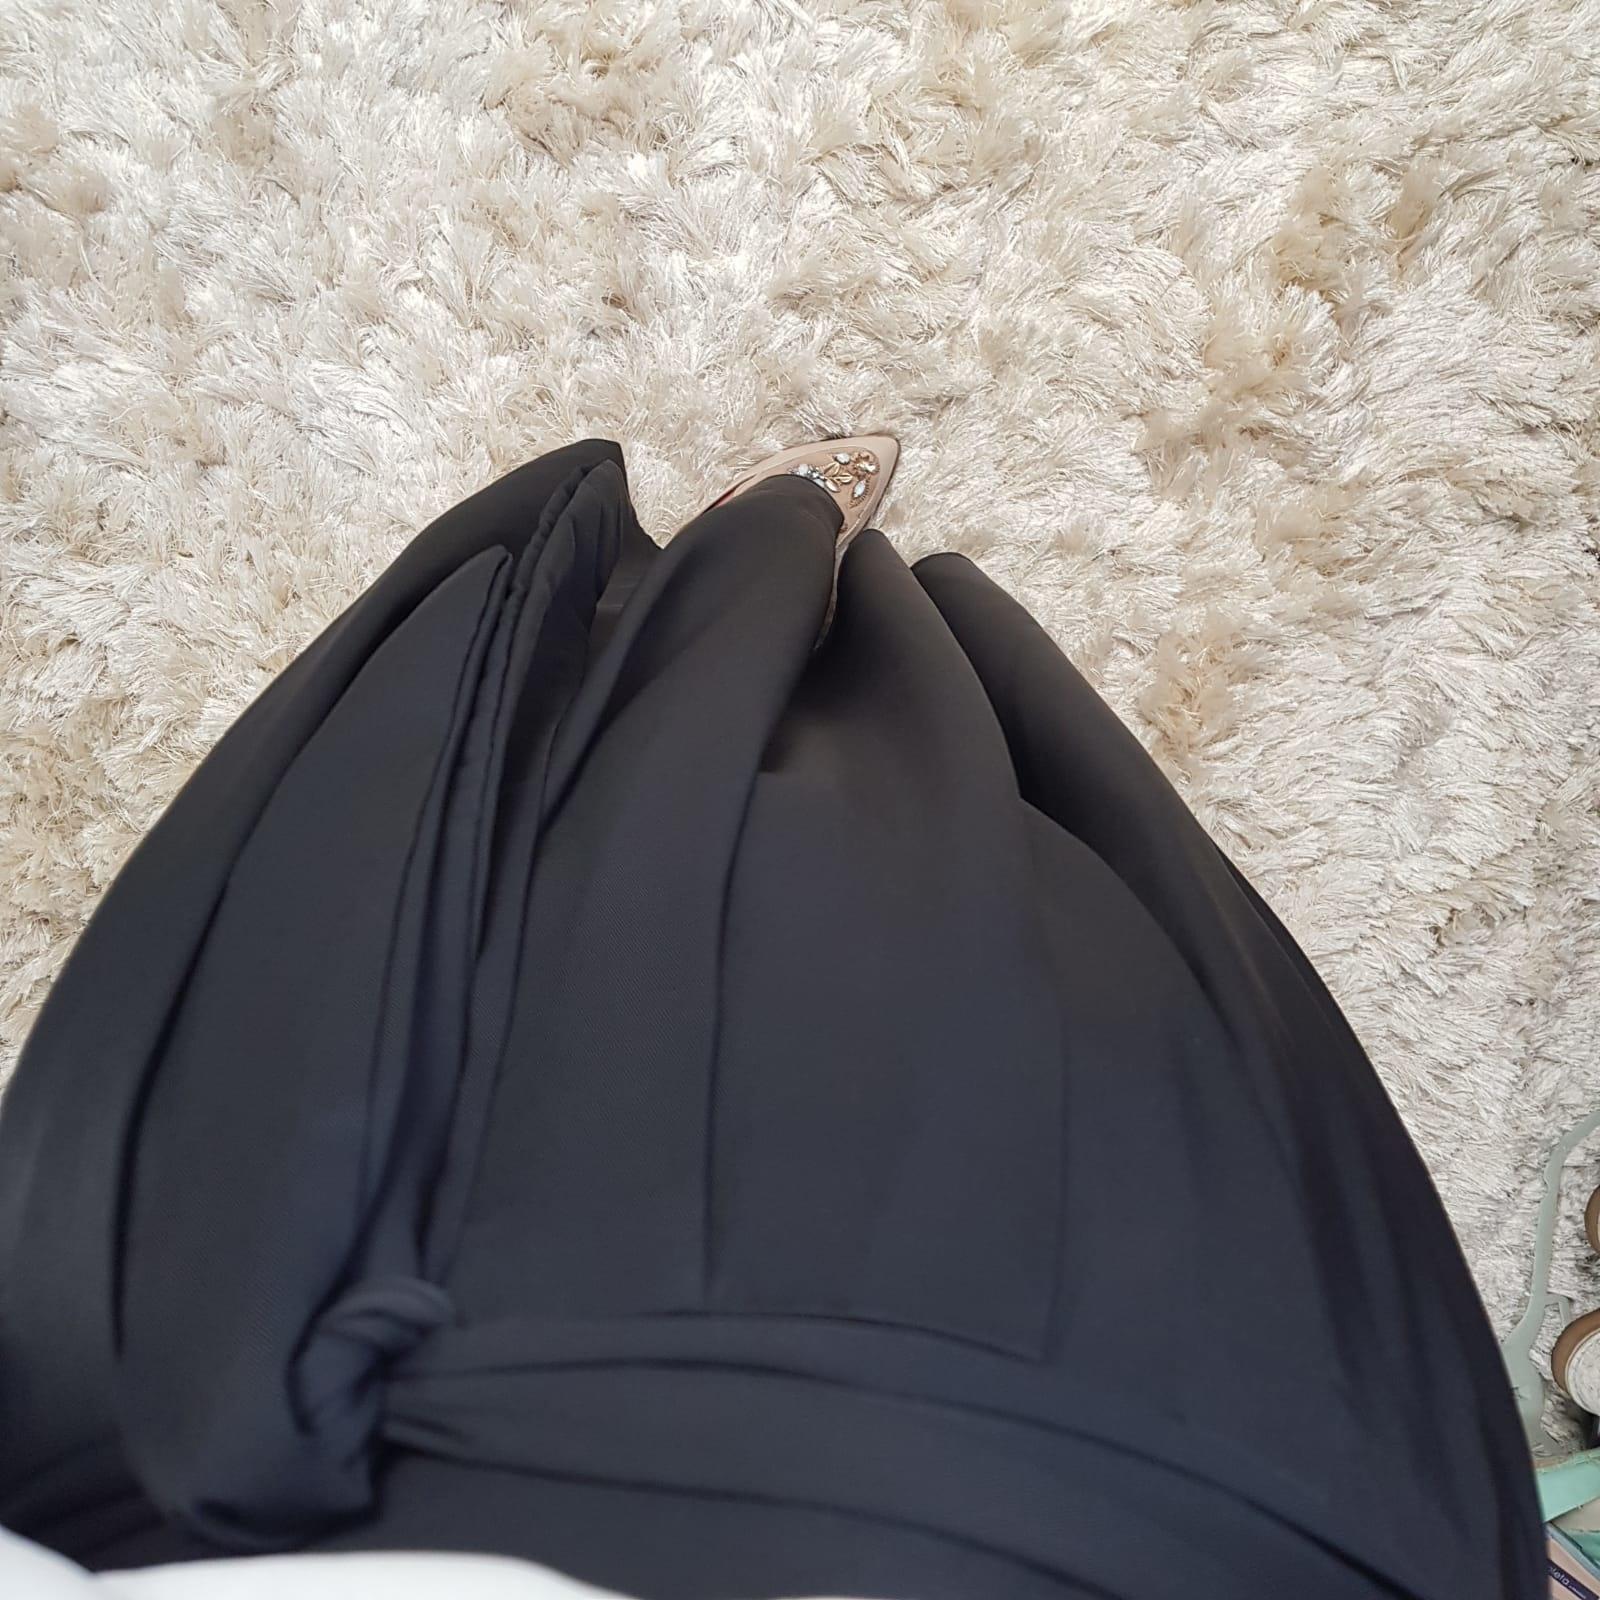 skirt ercalano black